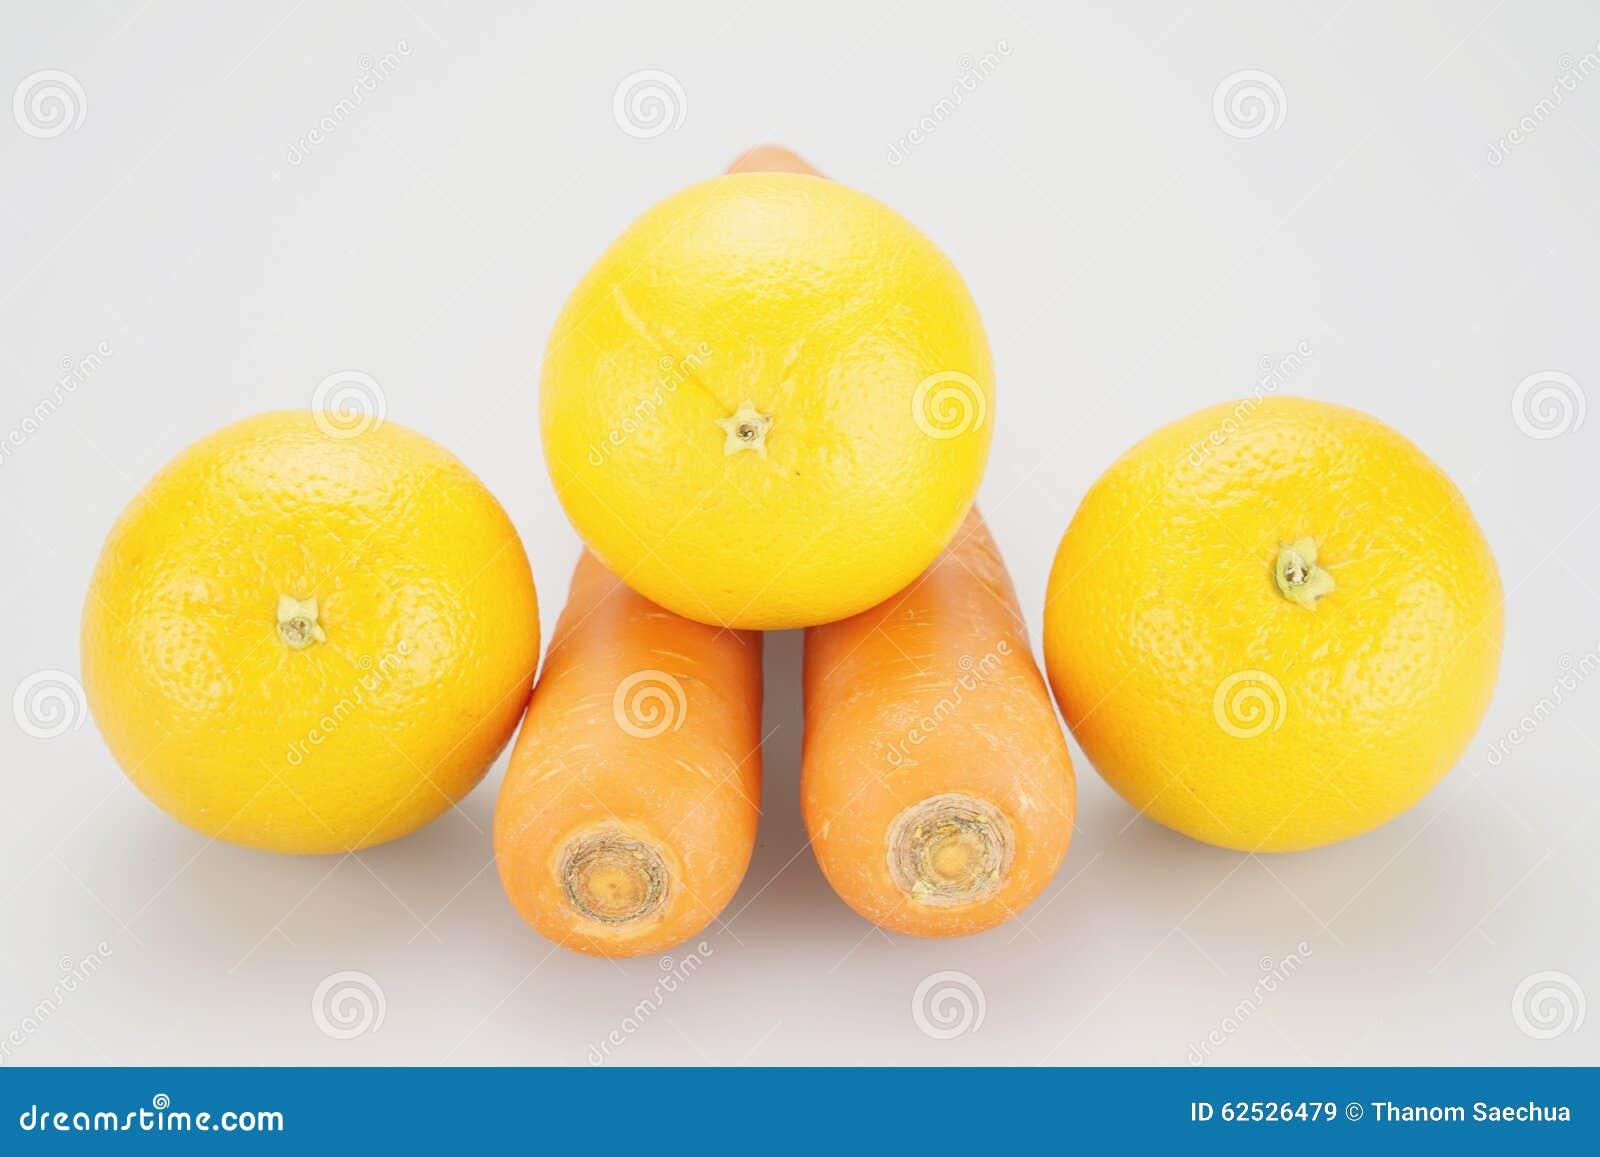 在橙色红萝卜上把放的黄色桔子